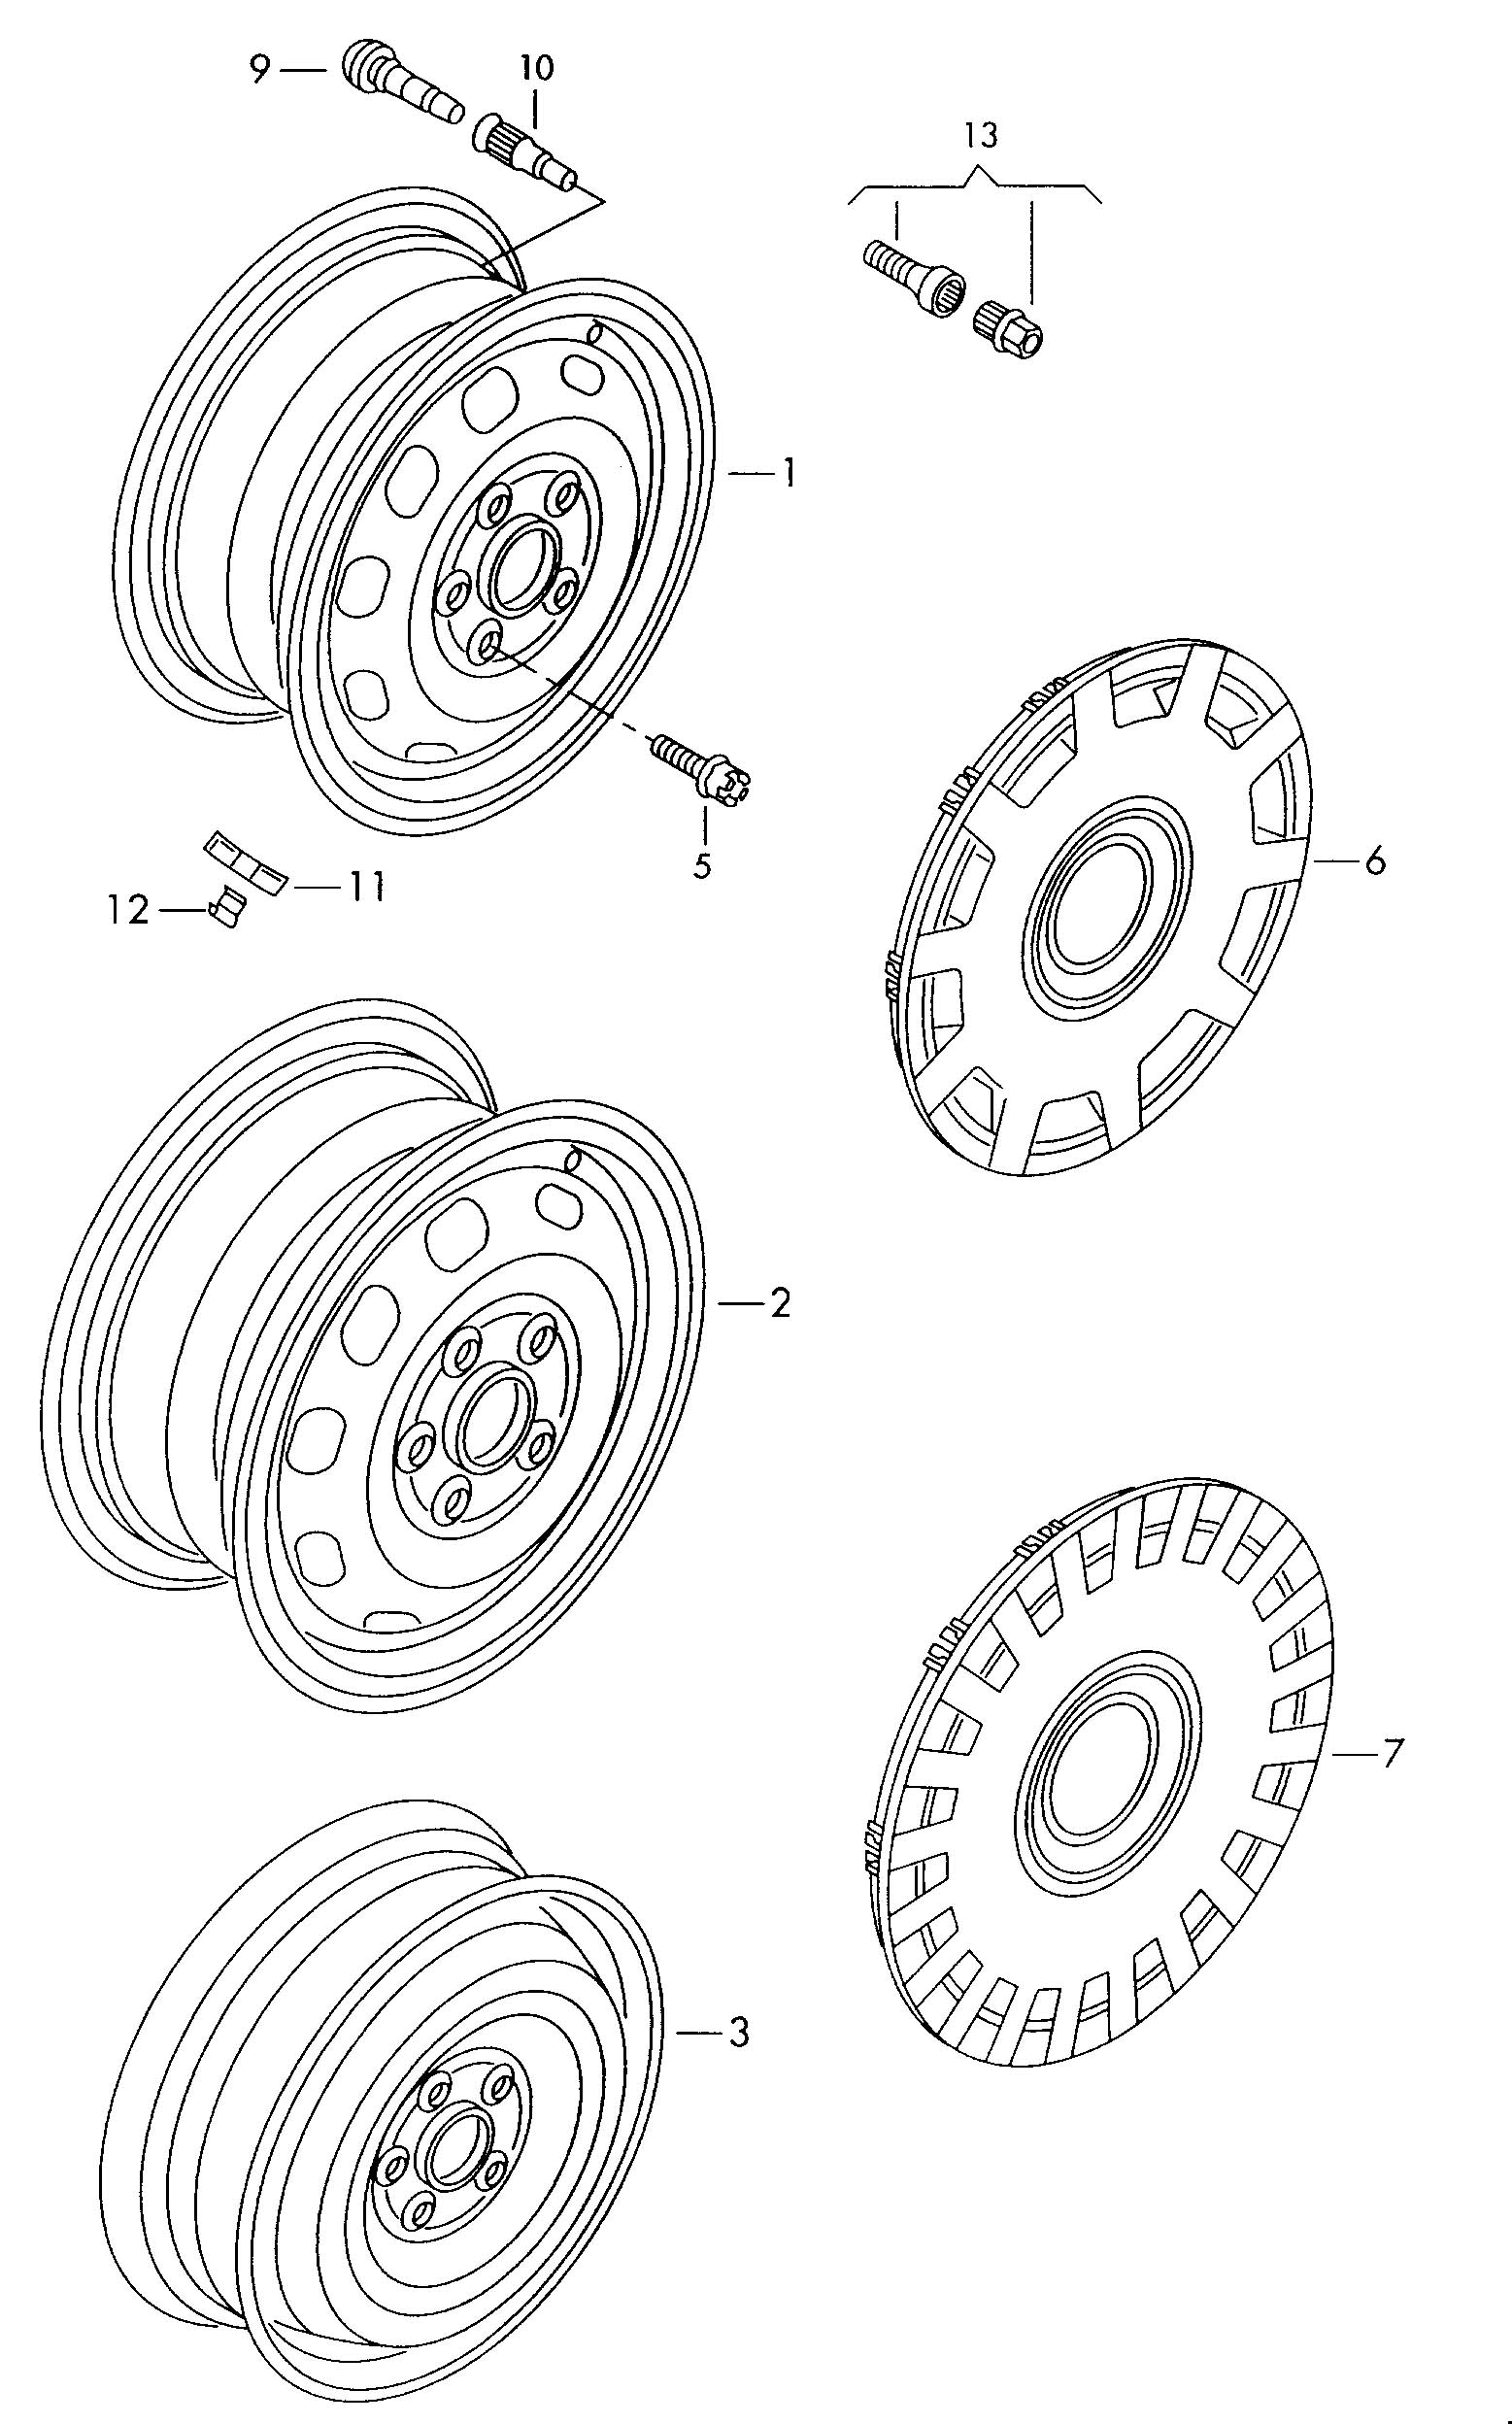 2006 Volkswagen Chrome for wheel disc:. SILVER. Full